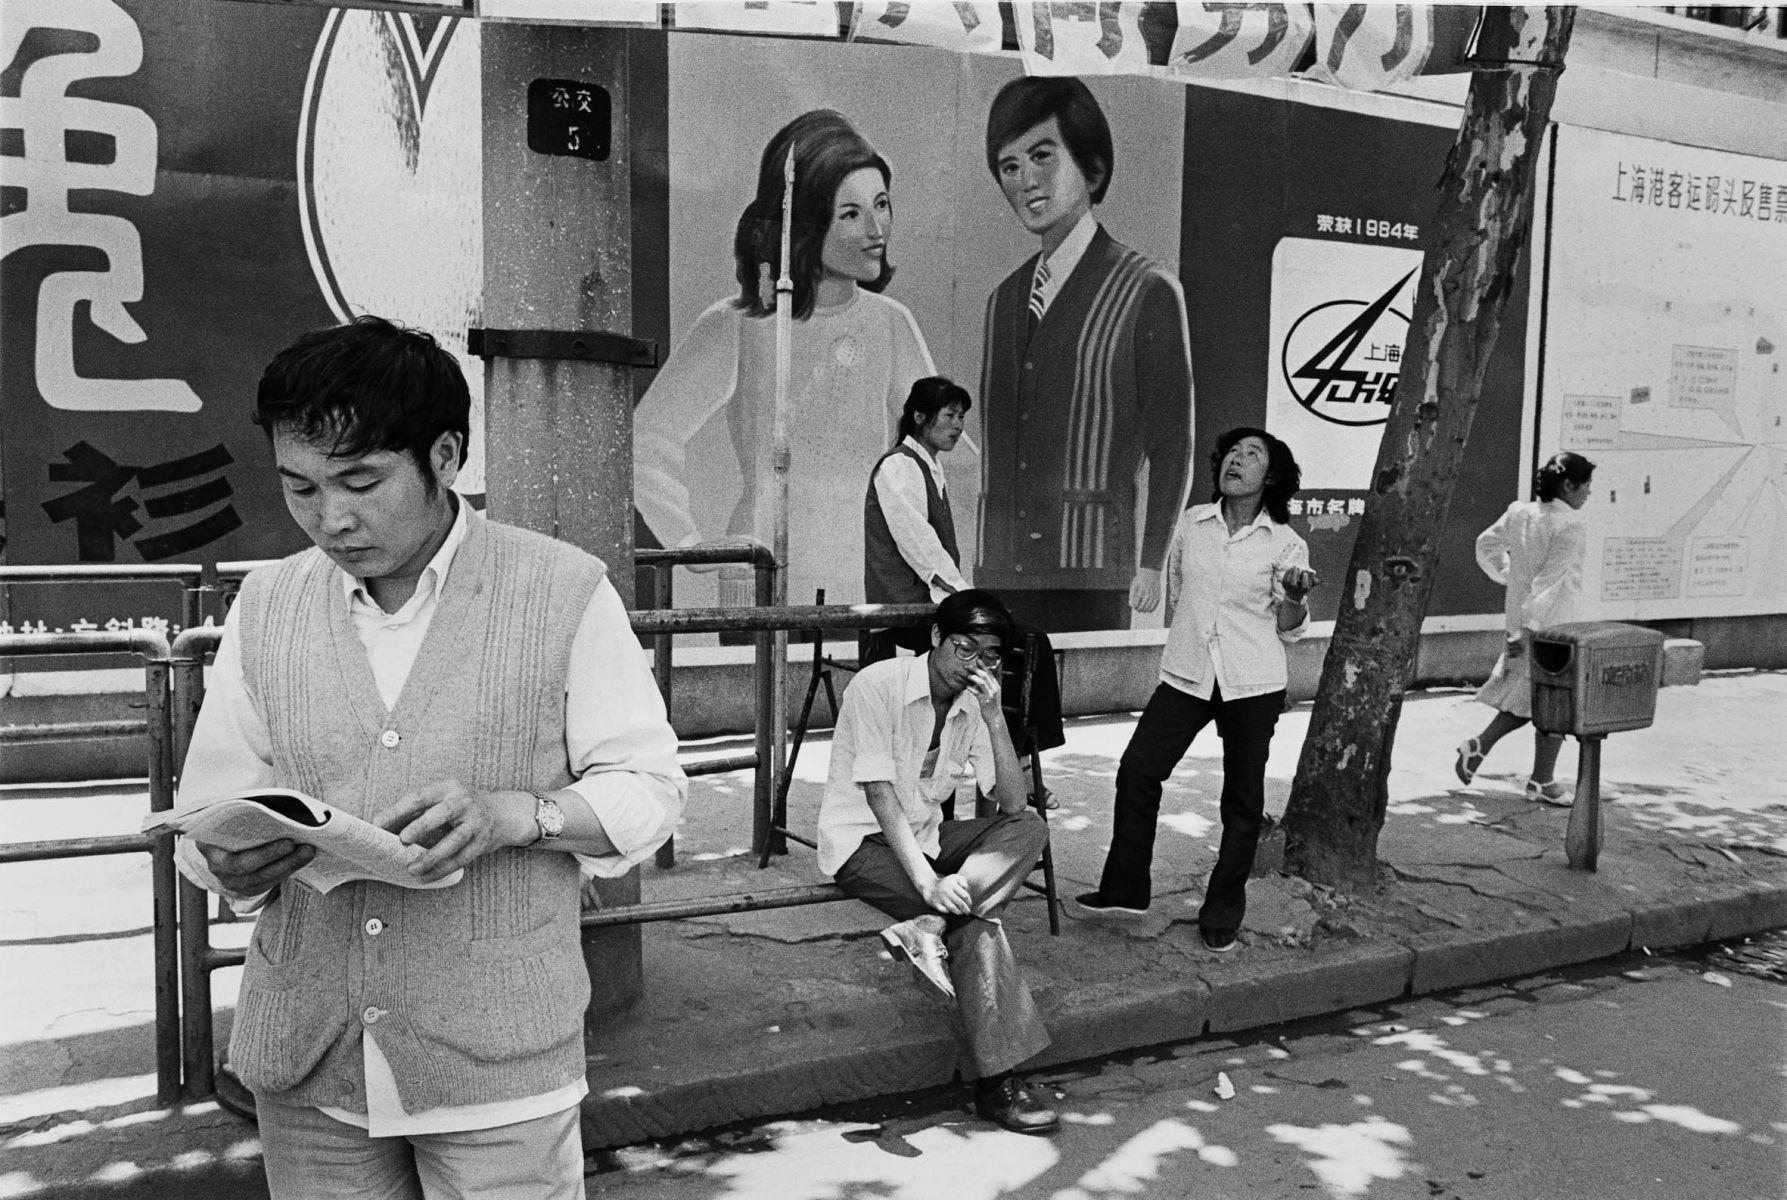 1shanghai_1987_film_41_p7_copy